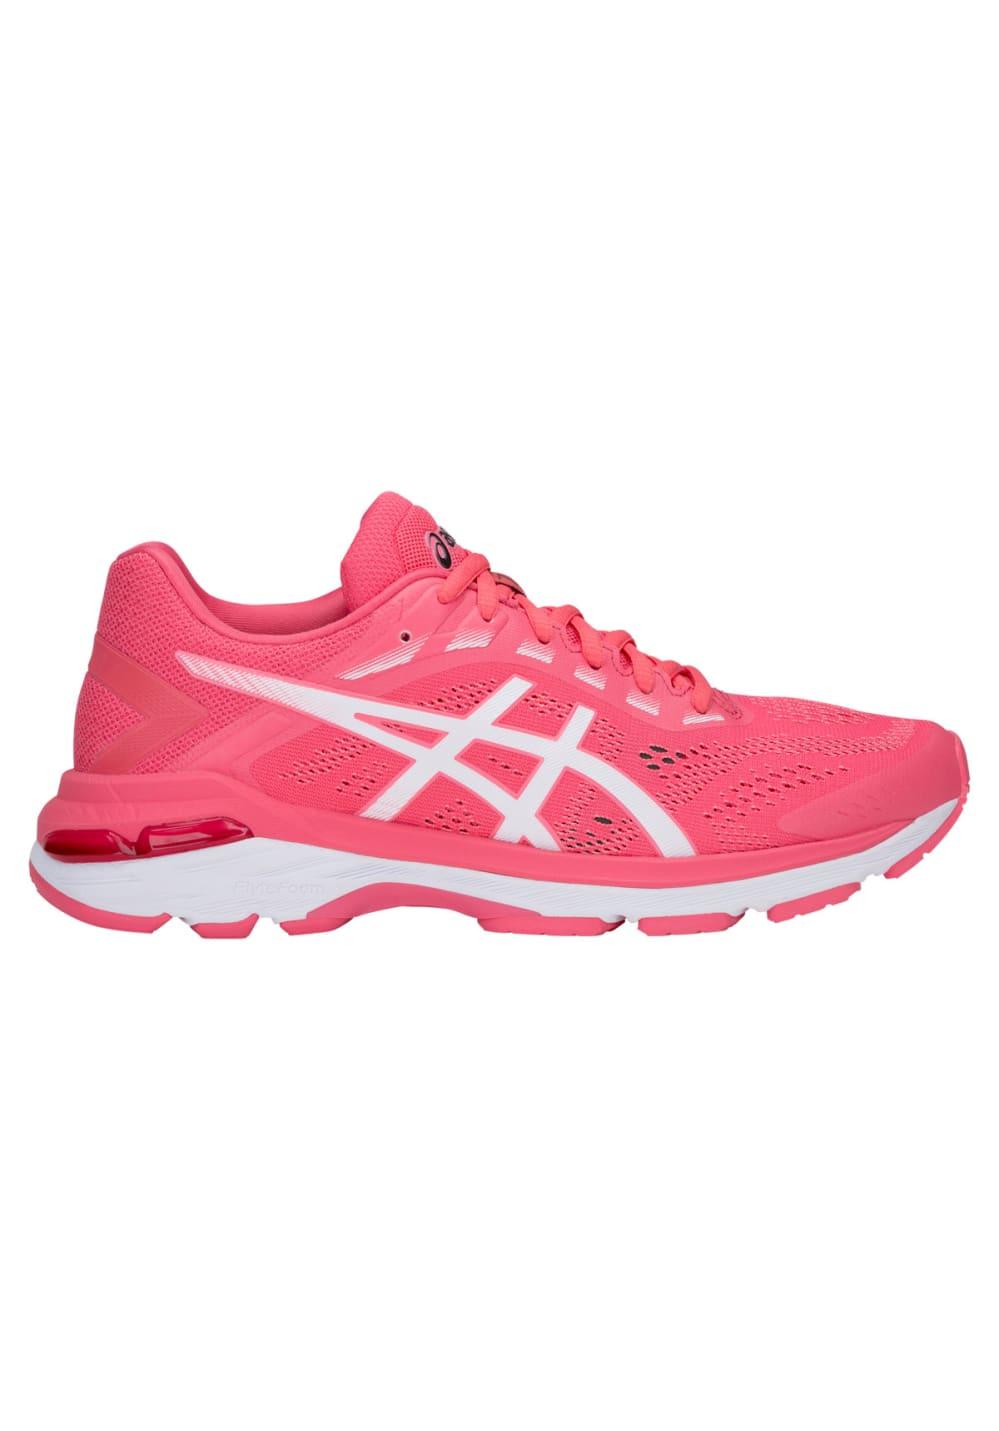 ASICS GT-2000 7 - Laufschuhe für Damen - Pink